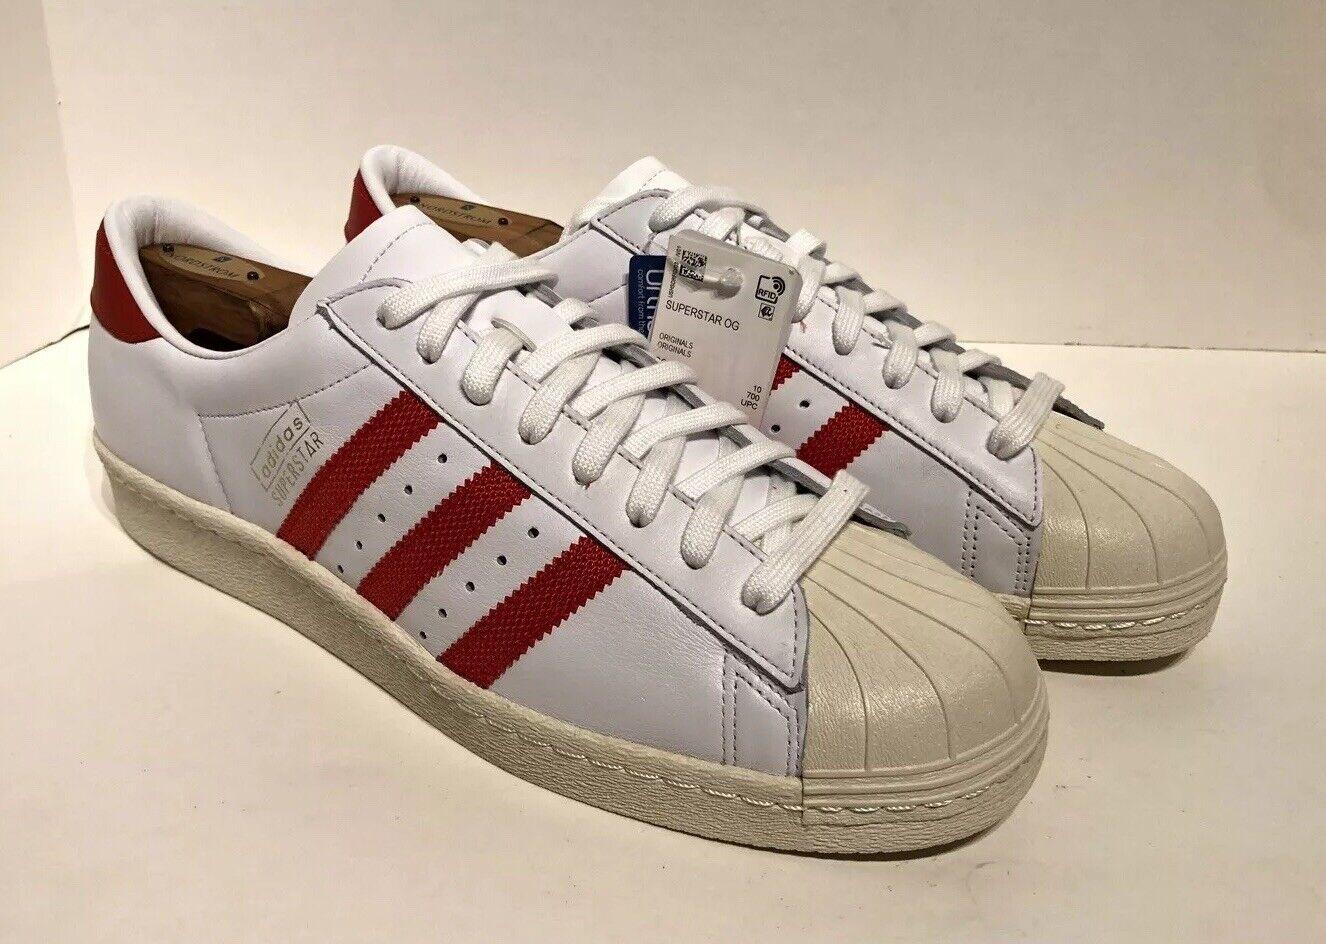 Very Rare Adidas Originals Superstar 80s Vintage Og Shell Toe